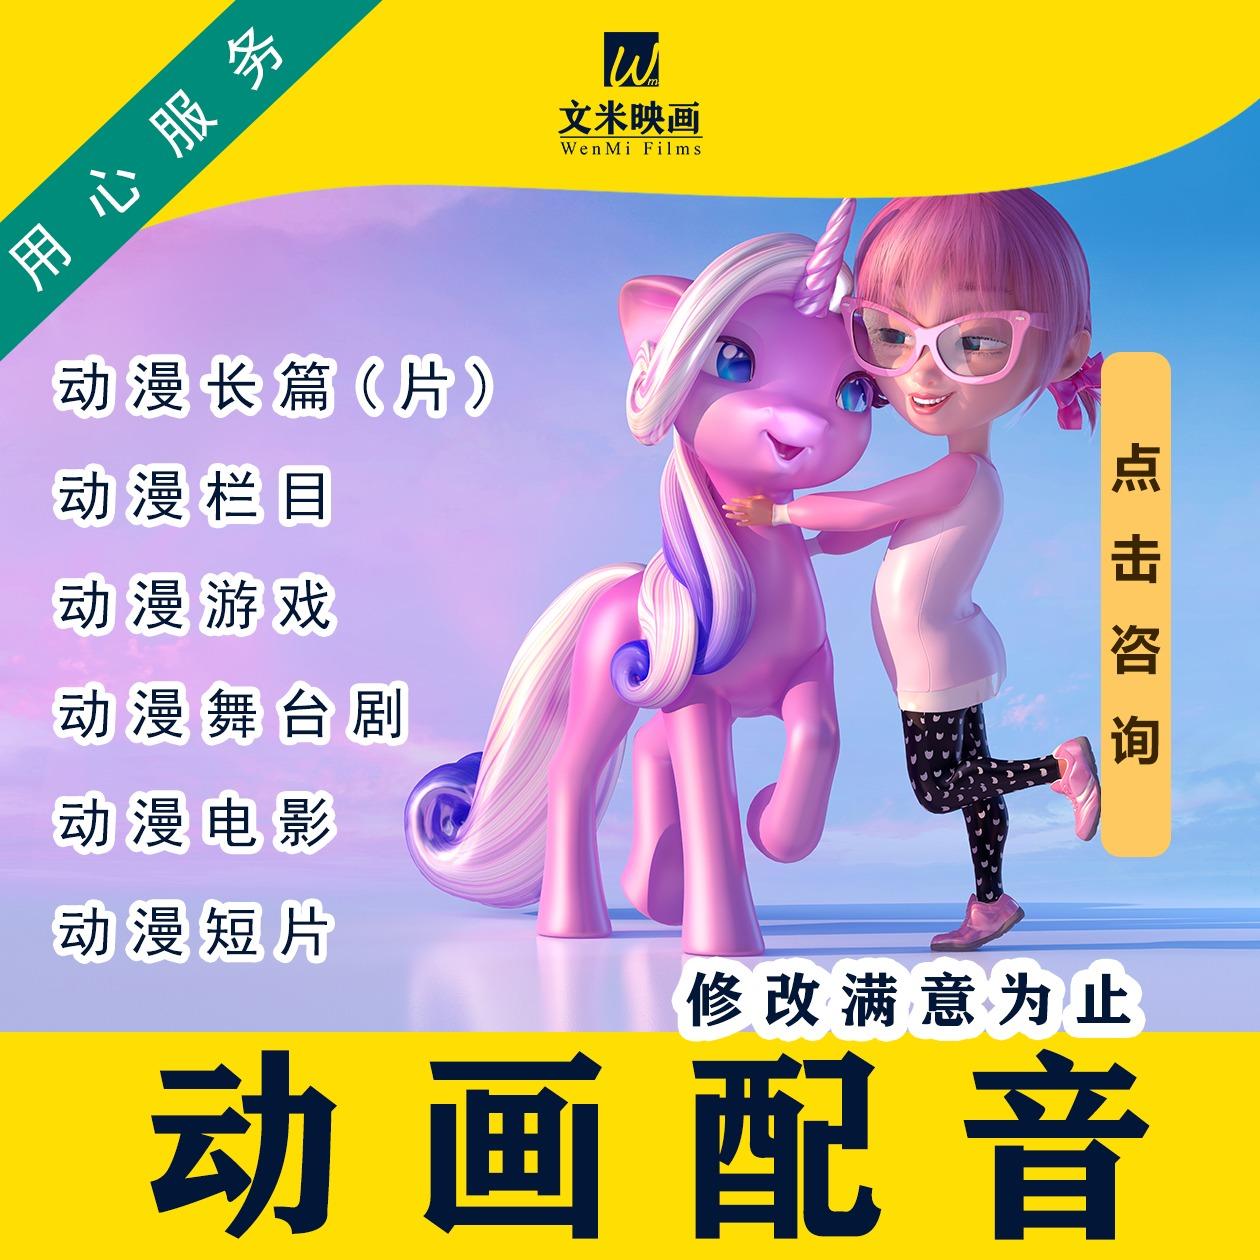 【动画配音】专业配音人物配音男声女声中文英文各国语言